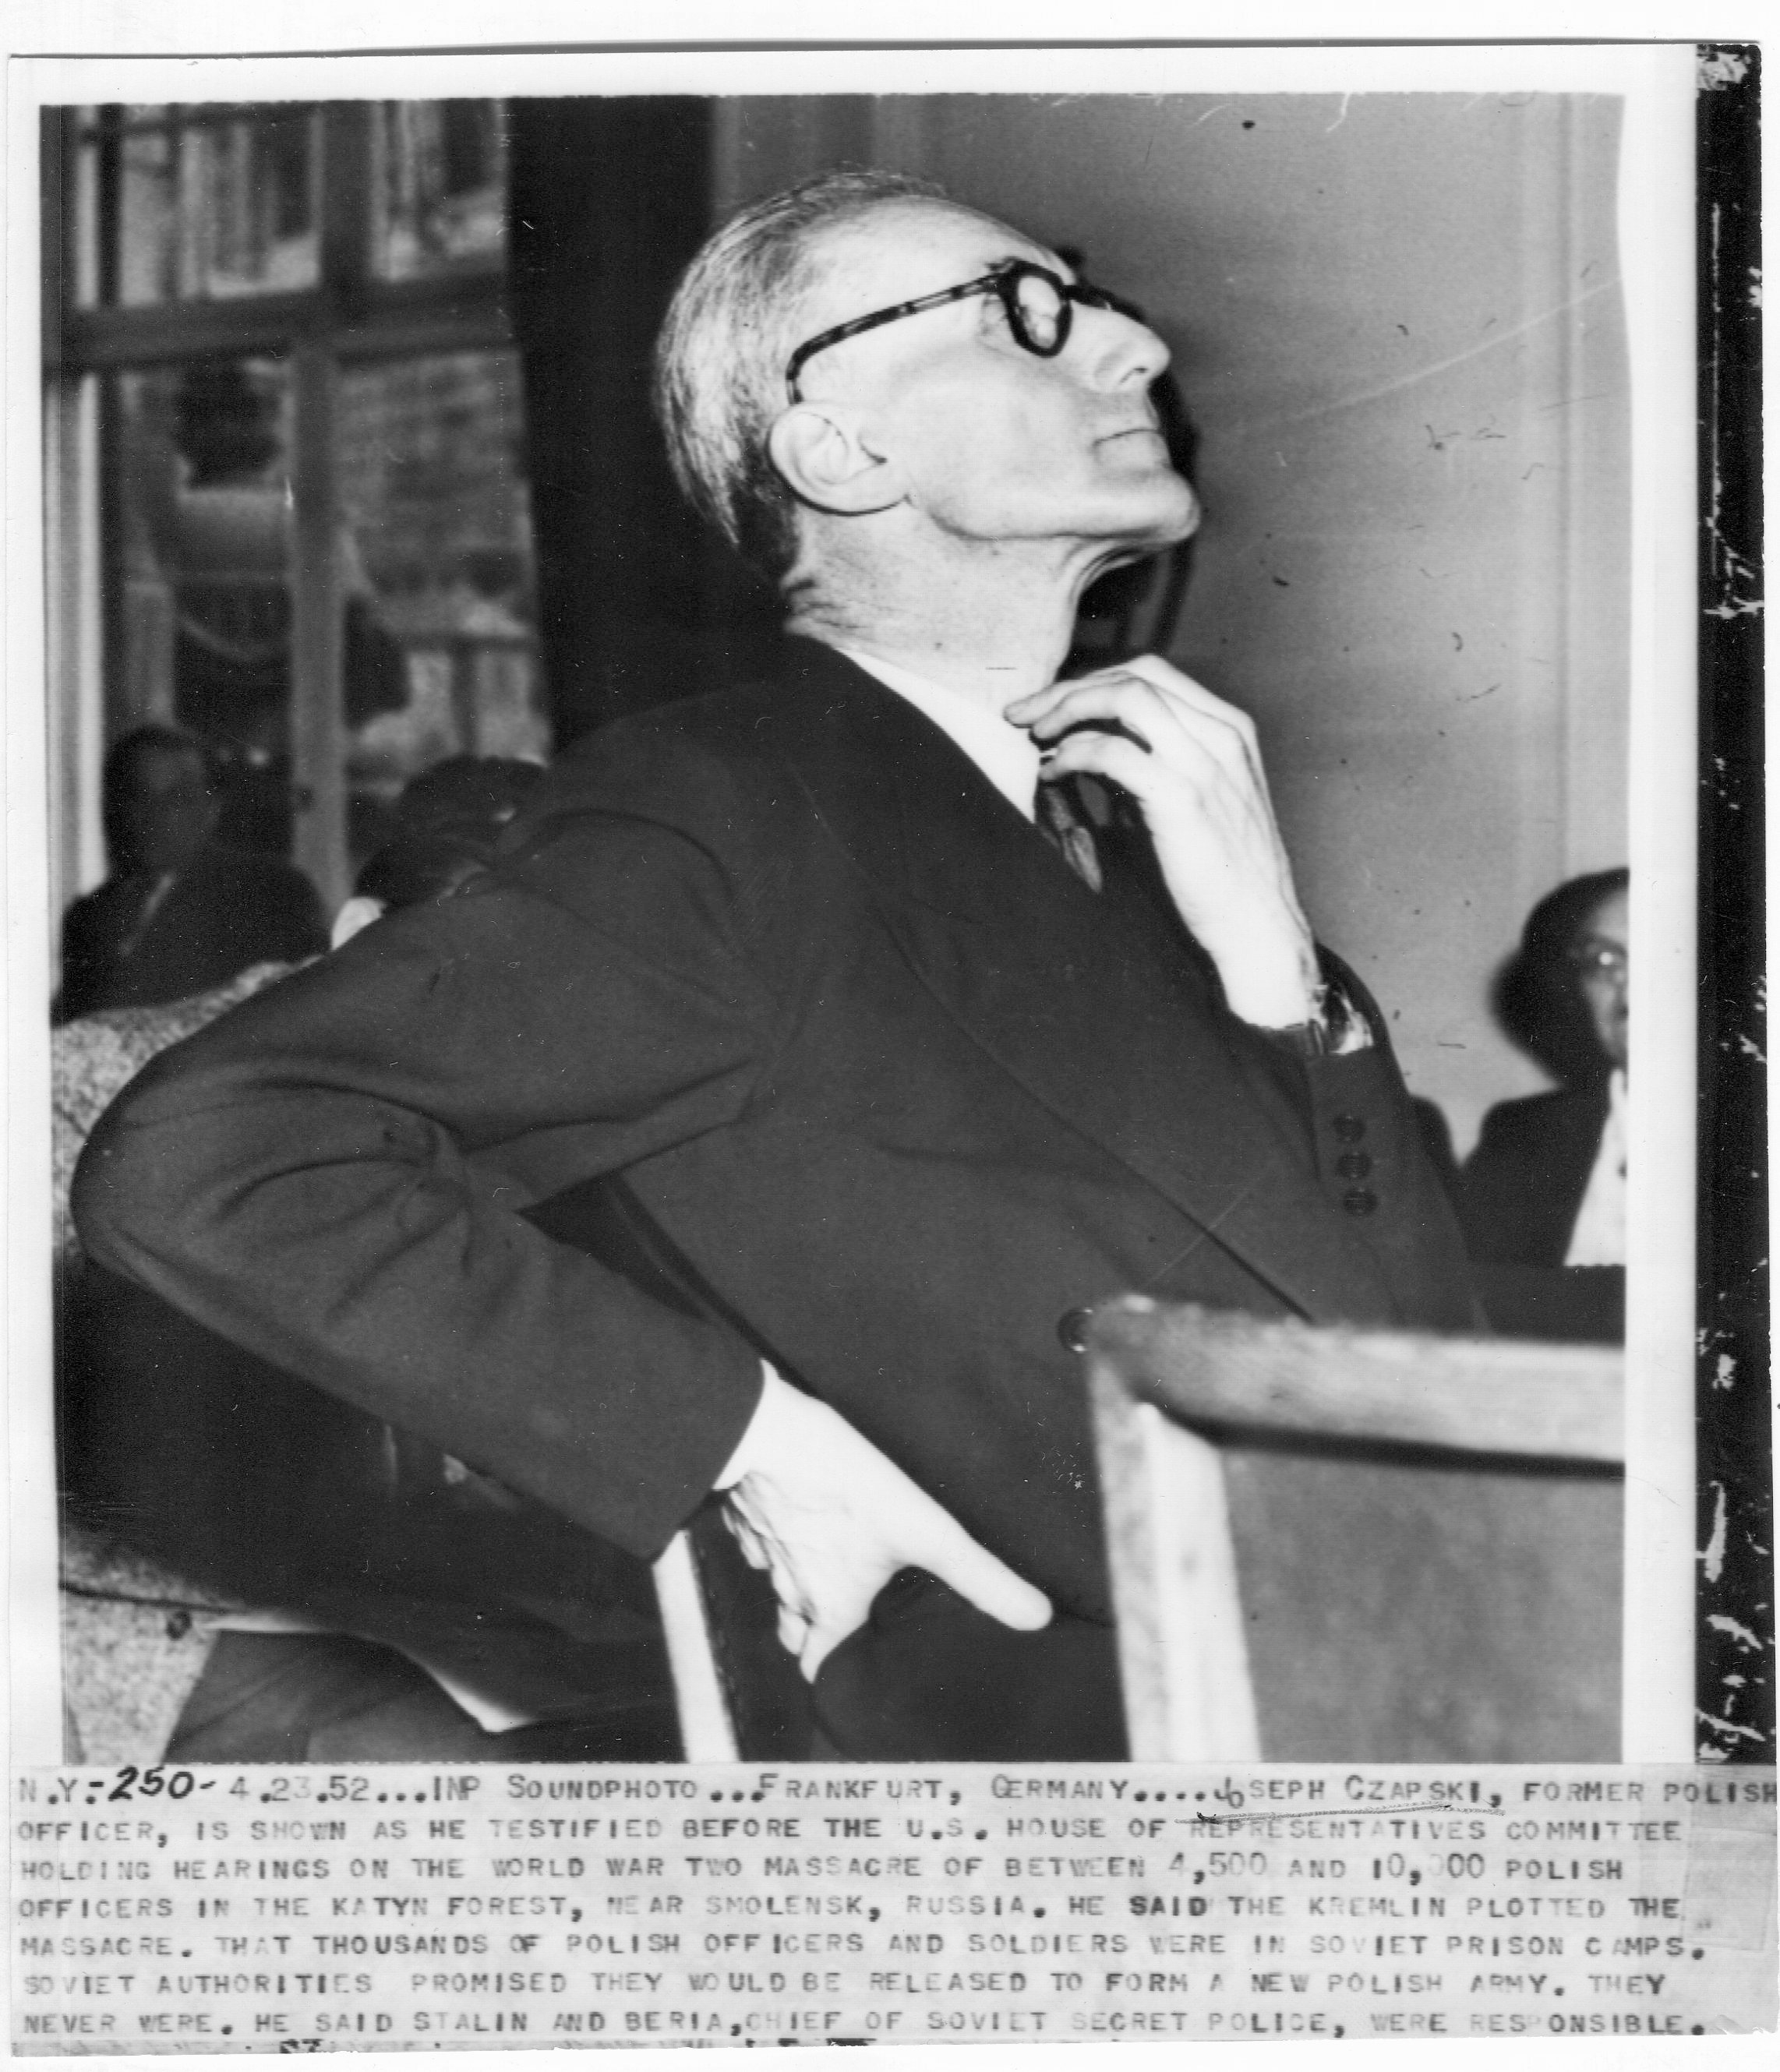 <div class='inner-box'><div class='close-desc'></div>  <span class='opis'>Frankfurt 23 kwietnia 1952 r. Józef Czapski zeznaje przed Specjalną Komisją Śledczą Kongresu Stanów Zjednoczonych do Zbadania Zbrodni Katyńskiej. Fotografia agencji CPA (istniała w latach 1910-1971).</span>   </div>